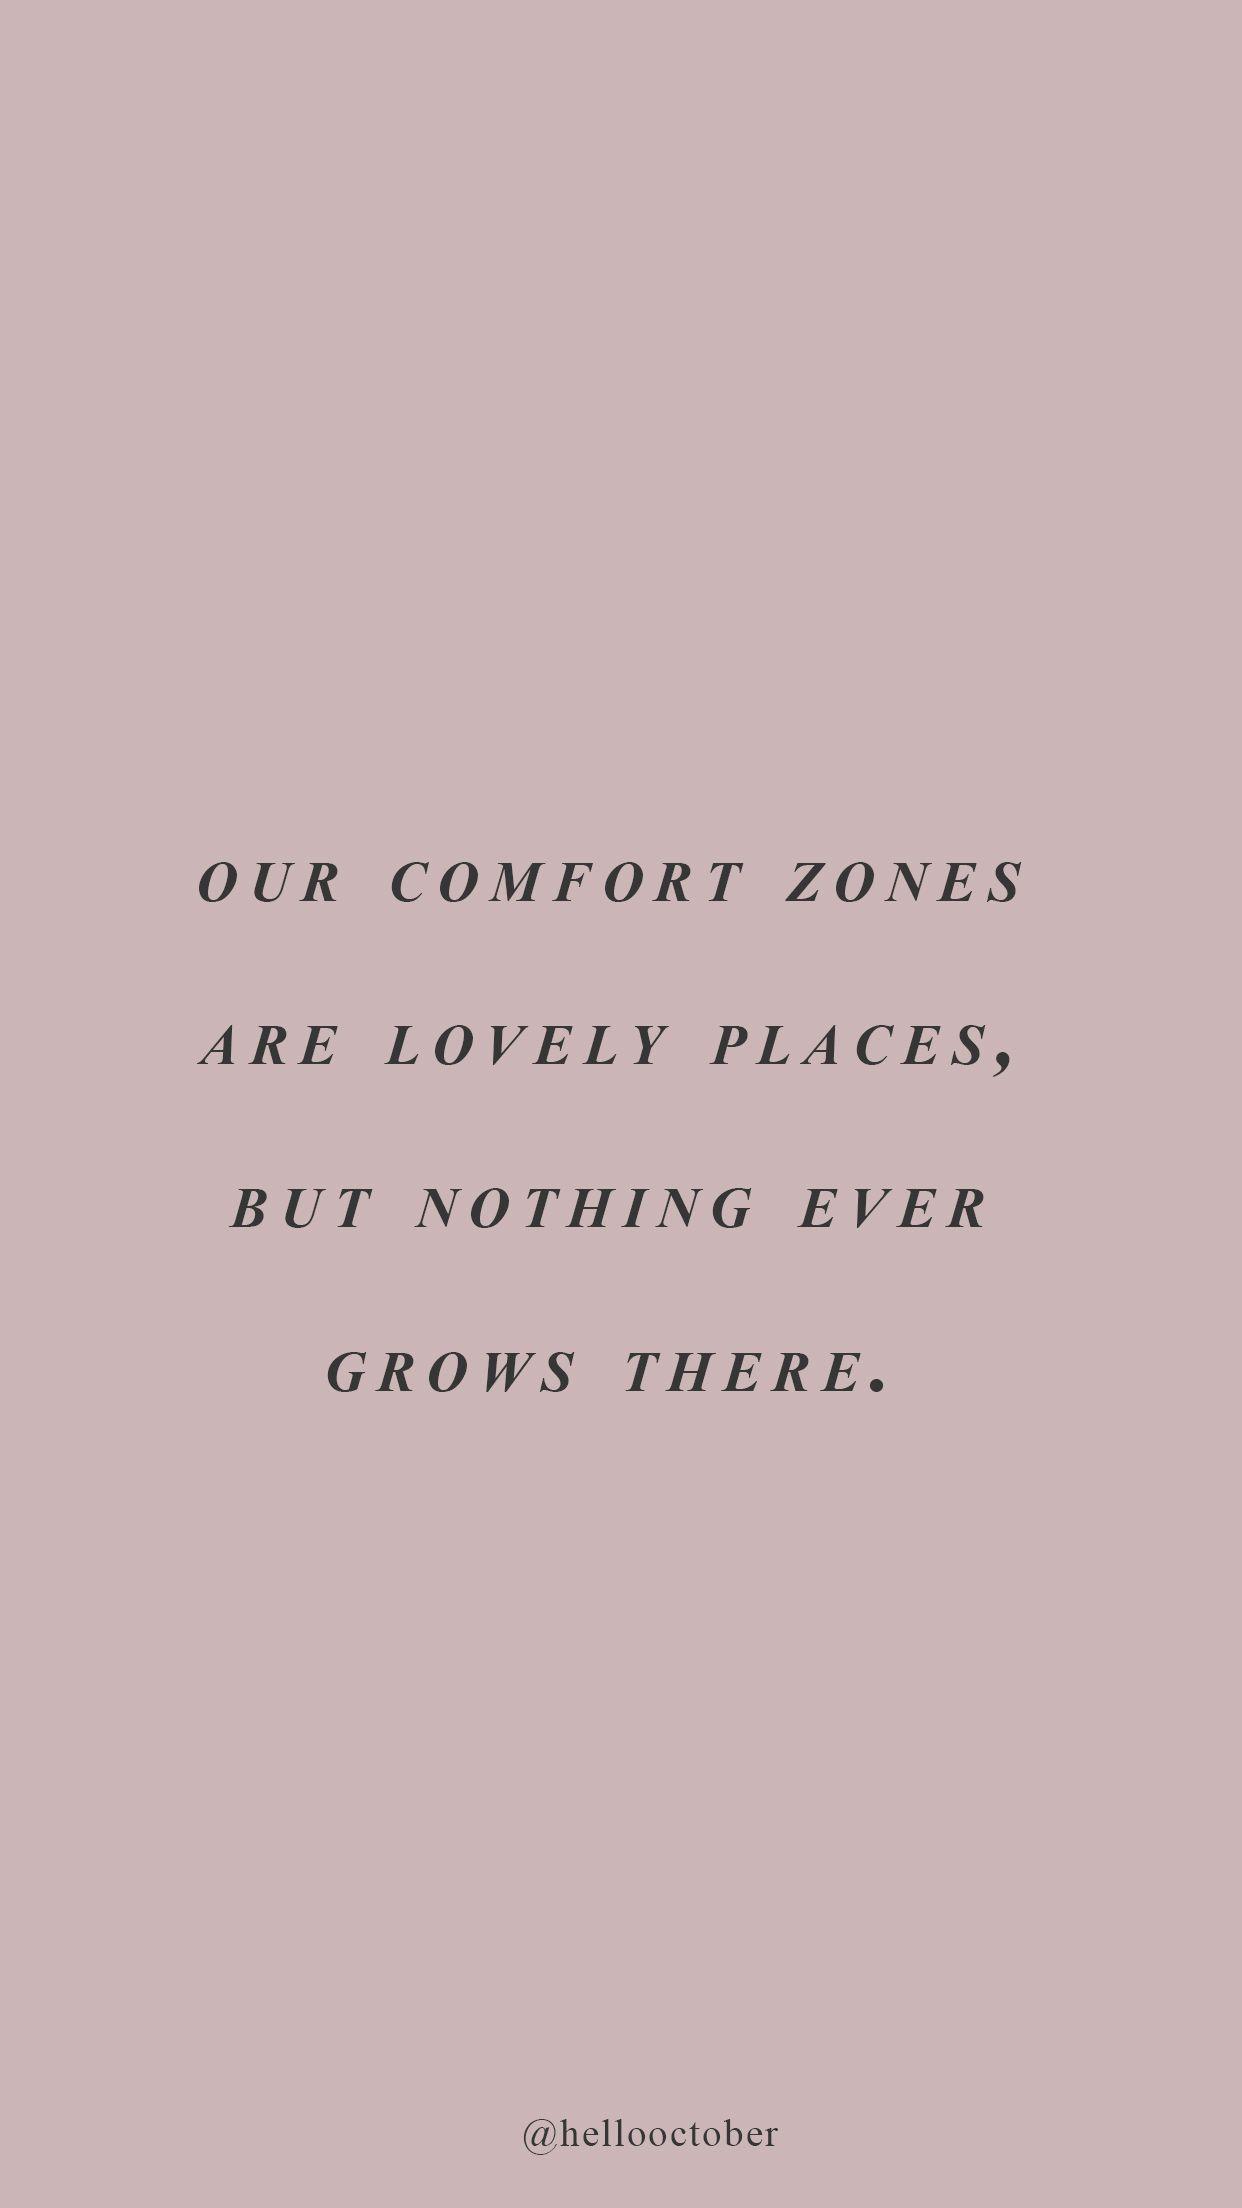 Our comfort zones